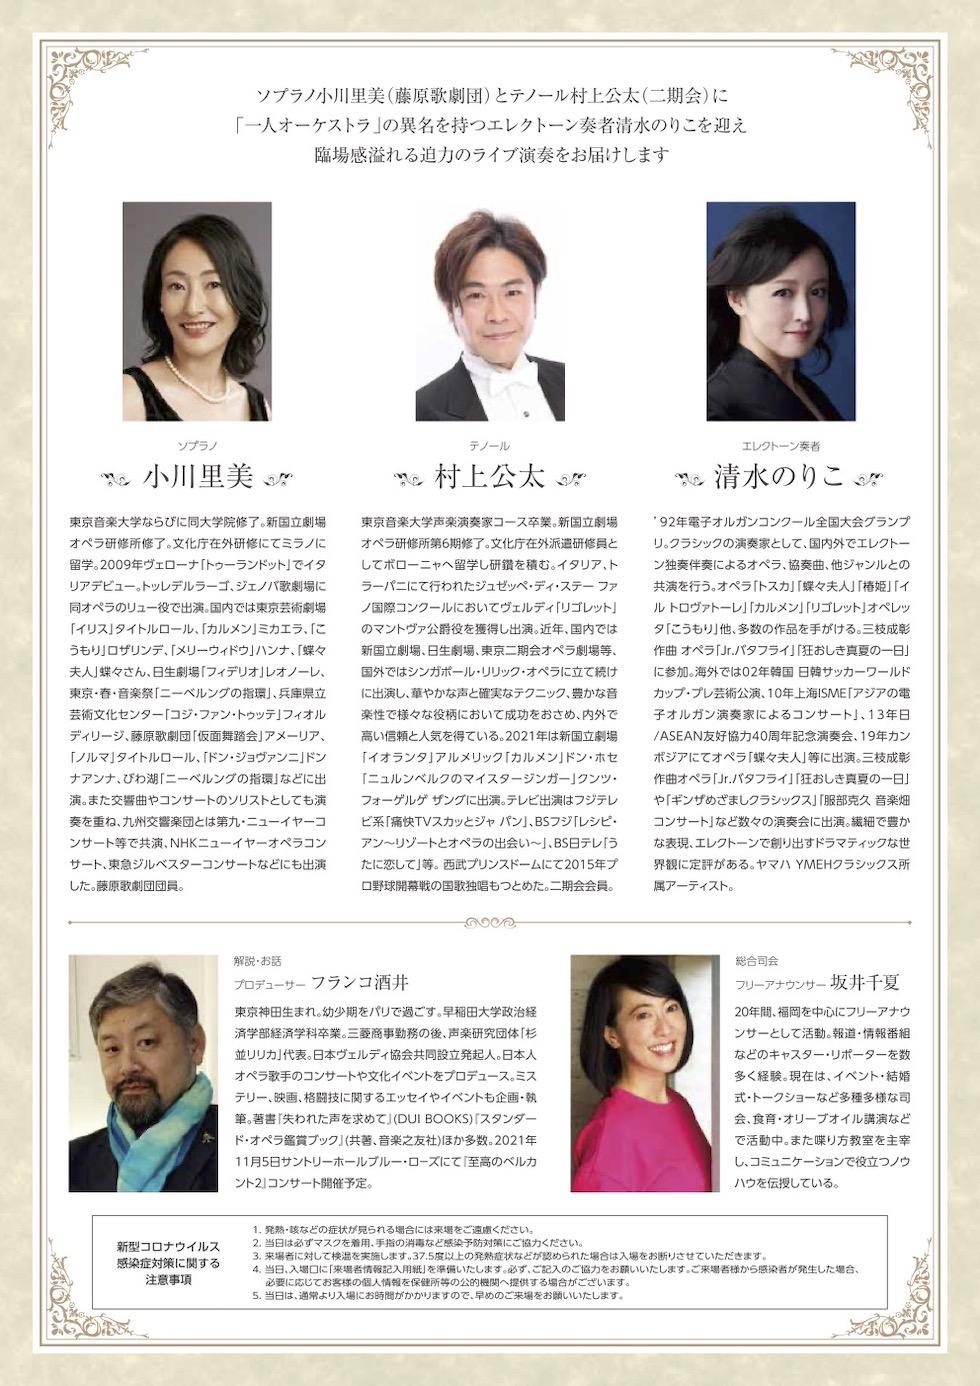 「オペラティック」~エレクトーン清水のりこを迎えて~ 小川里美&村上公太スペシャルコンサート